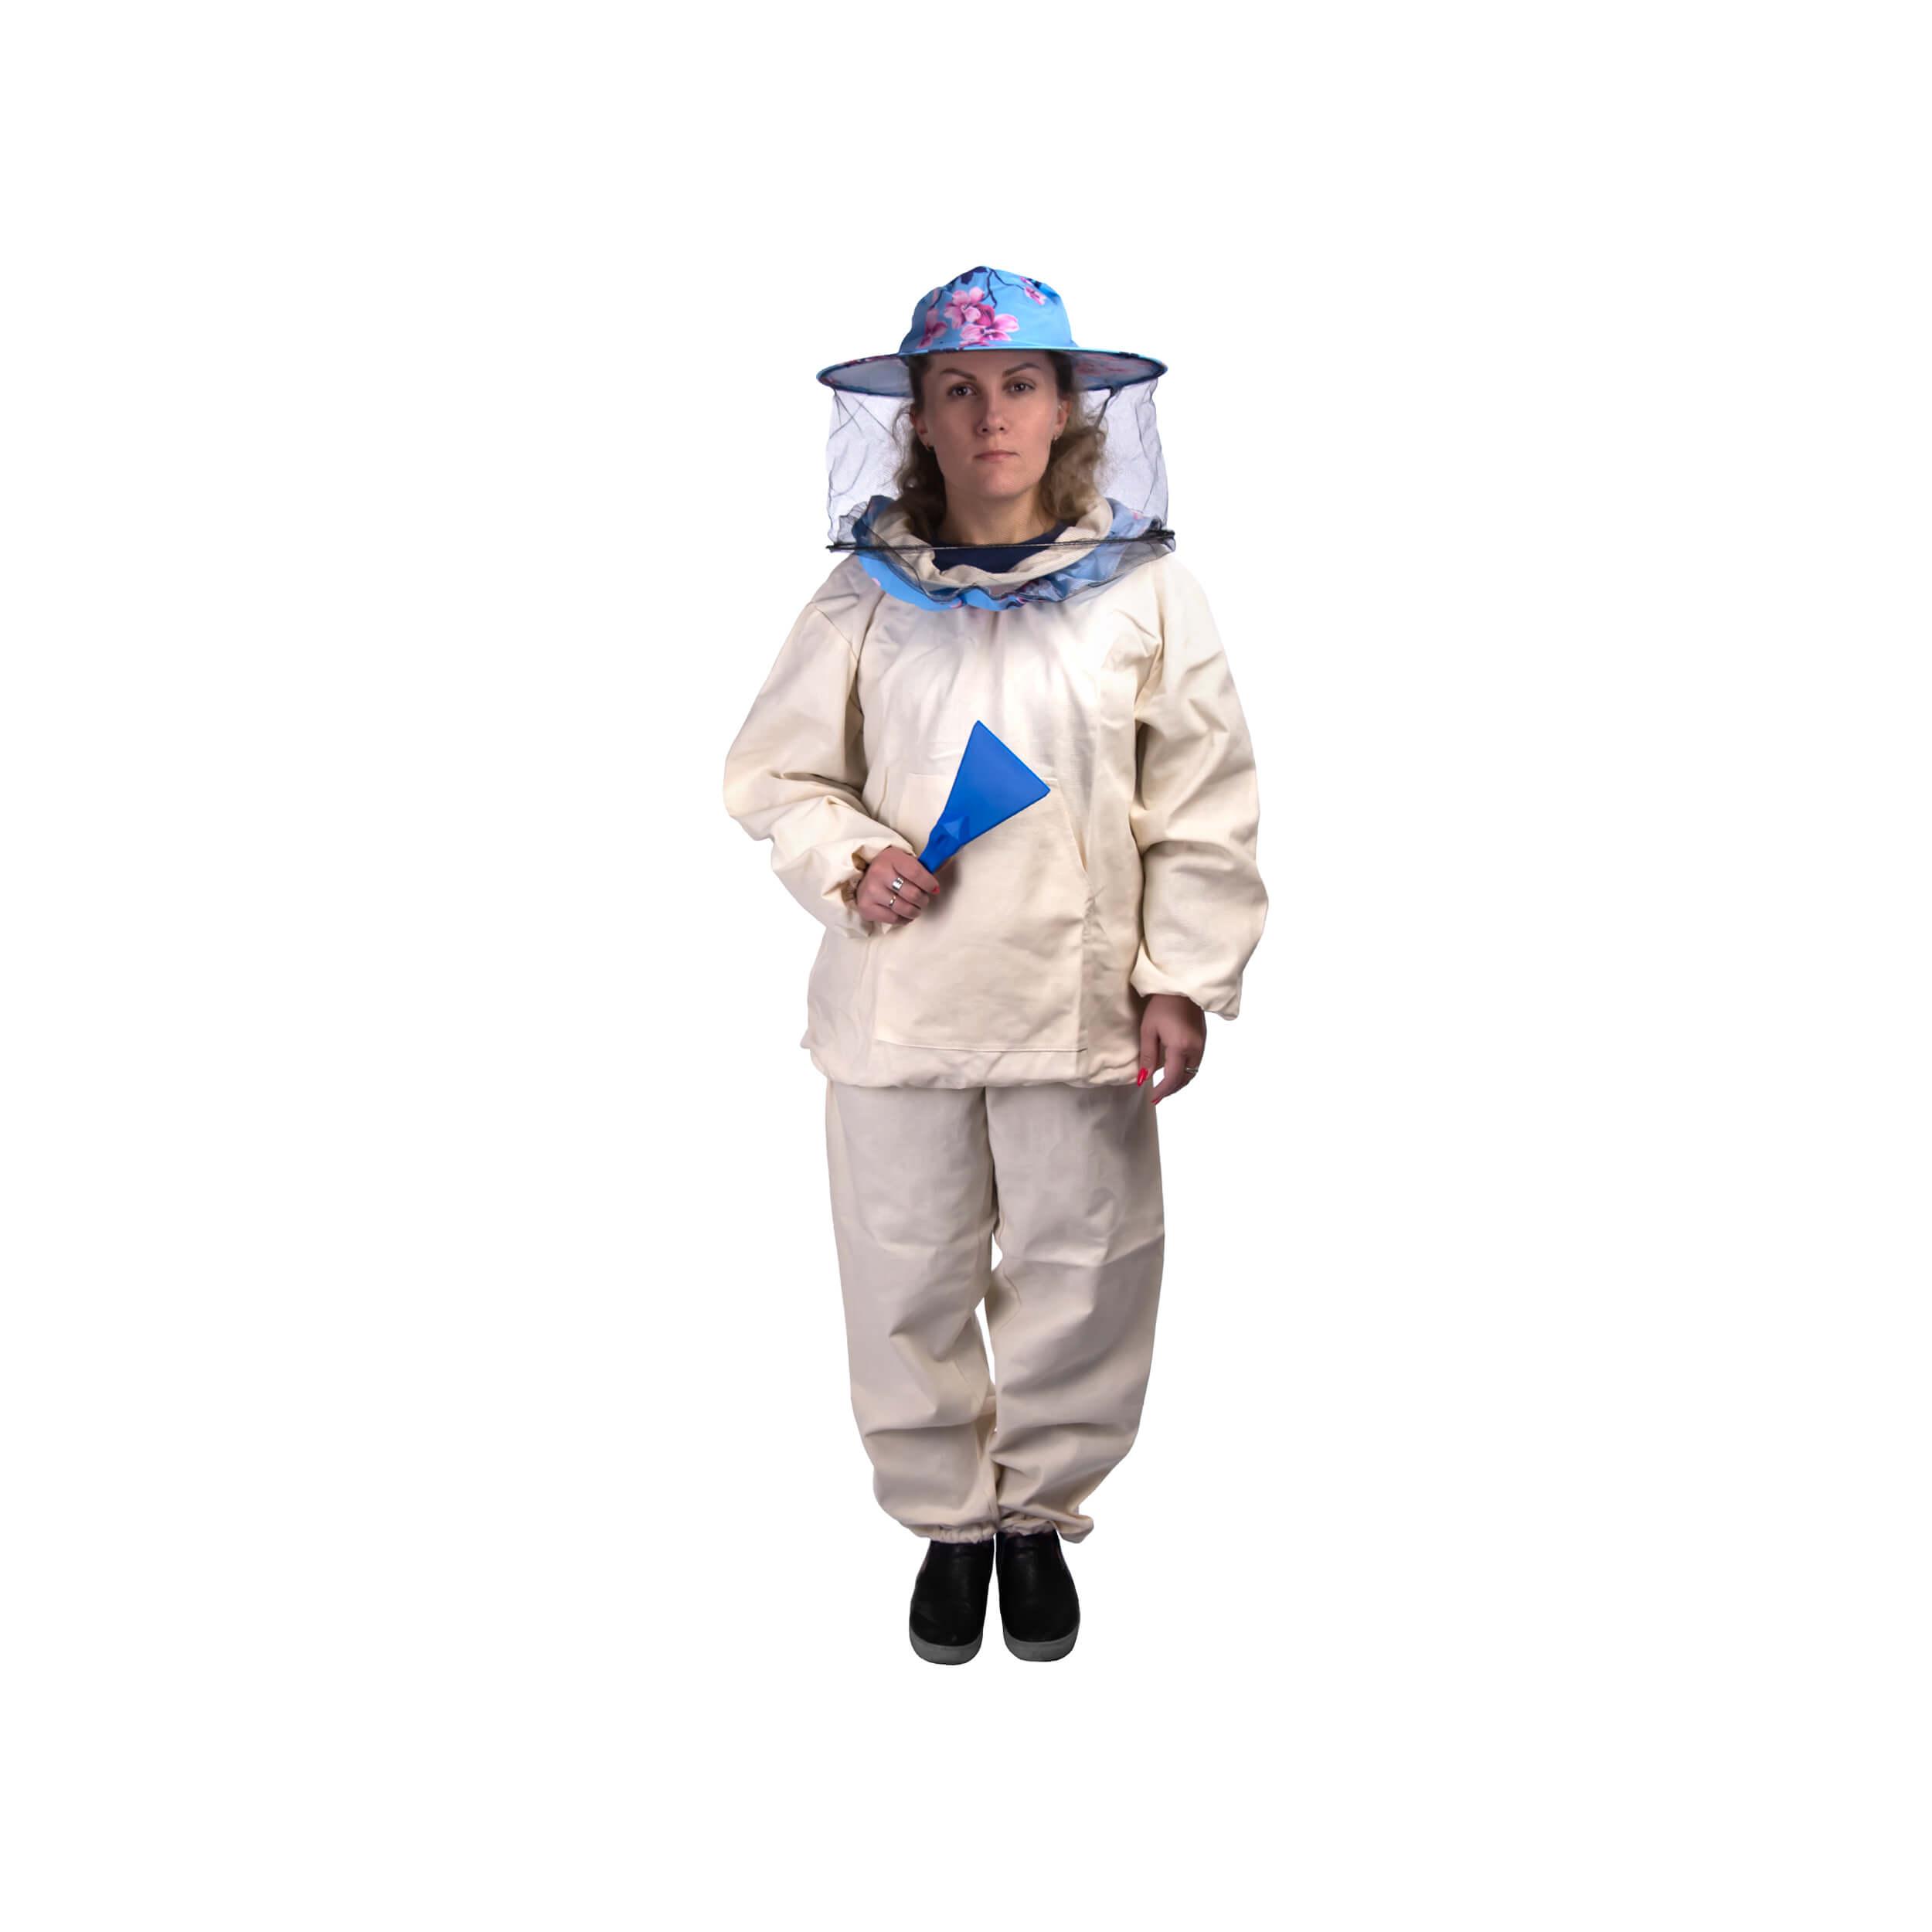 """Костюм пчеловода """"Пчеландия-ЭКО"""" плотный с кольцом + лицевая сетка (размер 42-44) фото"""